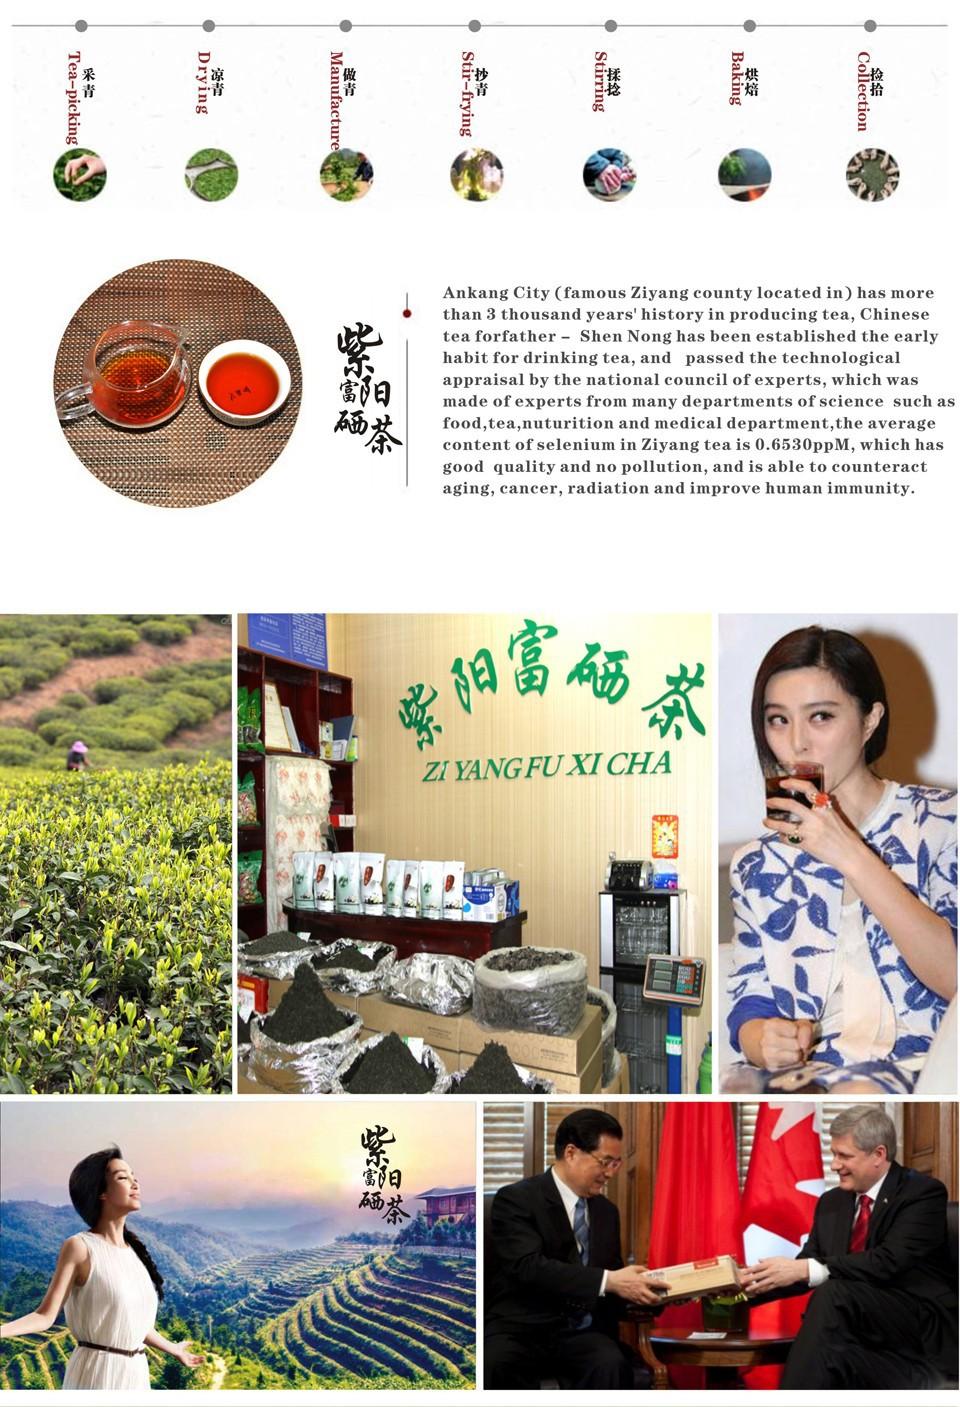 Dragon Ball Matcha Selenium-enriching Grade C Mao Jian Green Tea, Ziyang County, Ankang City, Weight Loss Health Care Products cheap